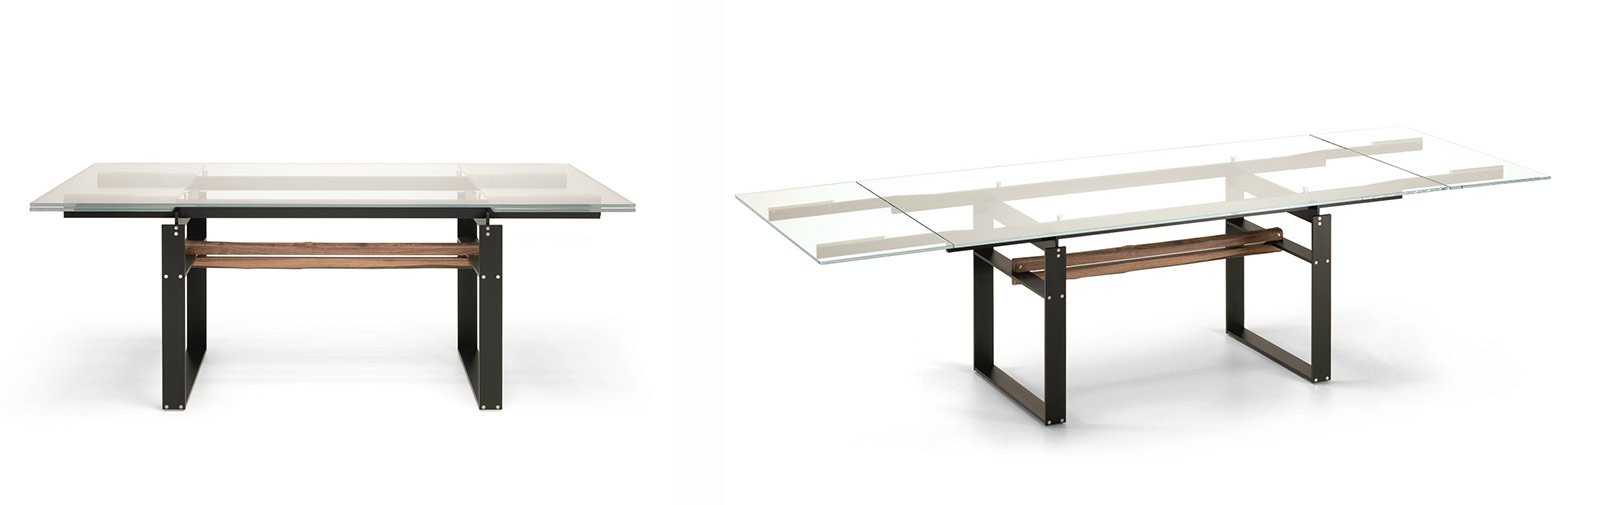 Tavoli di cristallo allungabili tavolo mago di bontempi for Tavoli in cristallo allungabili